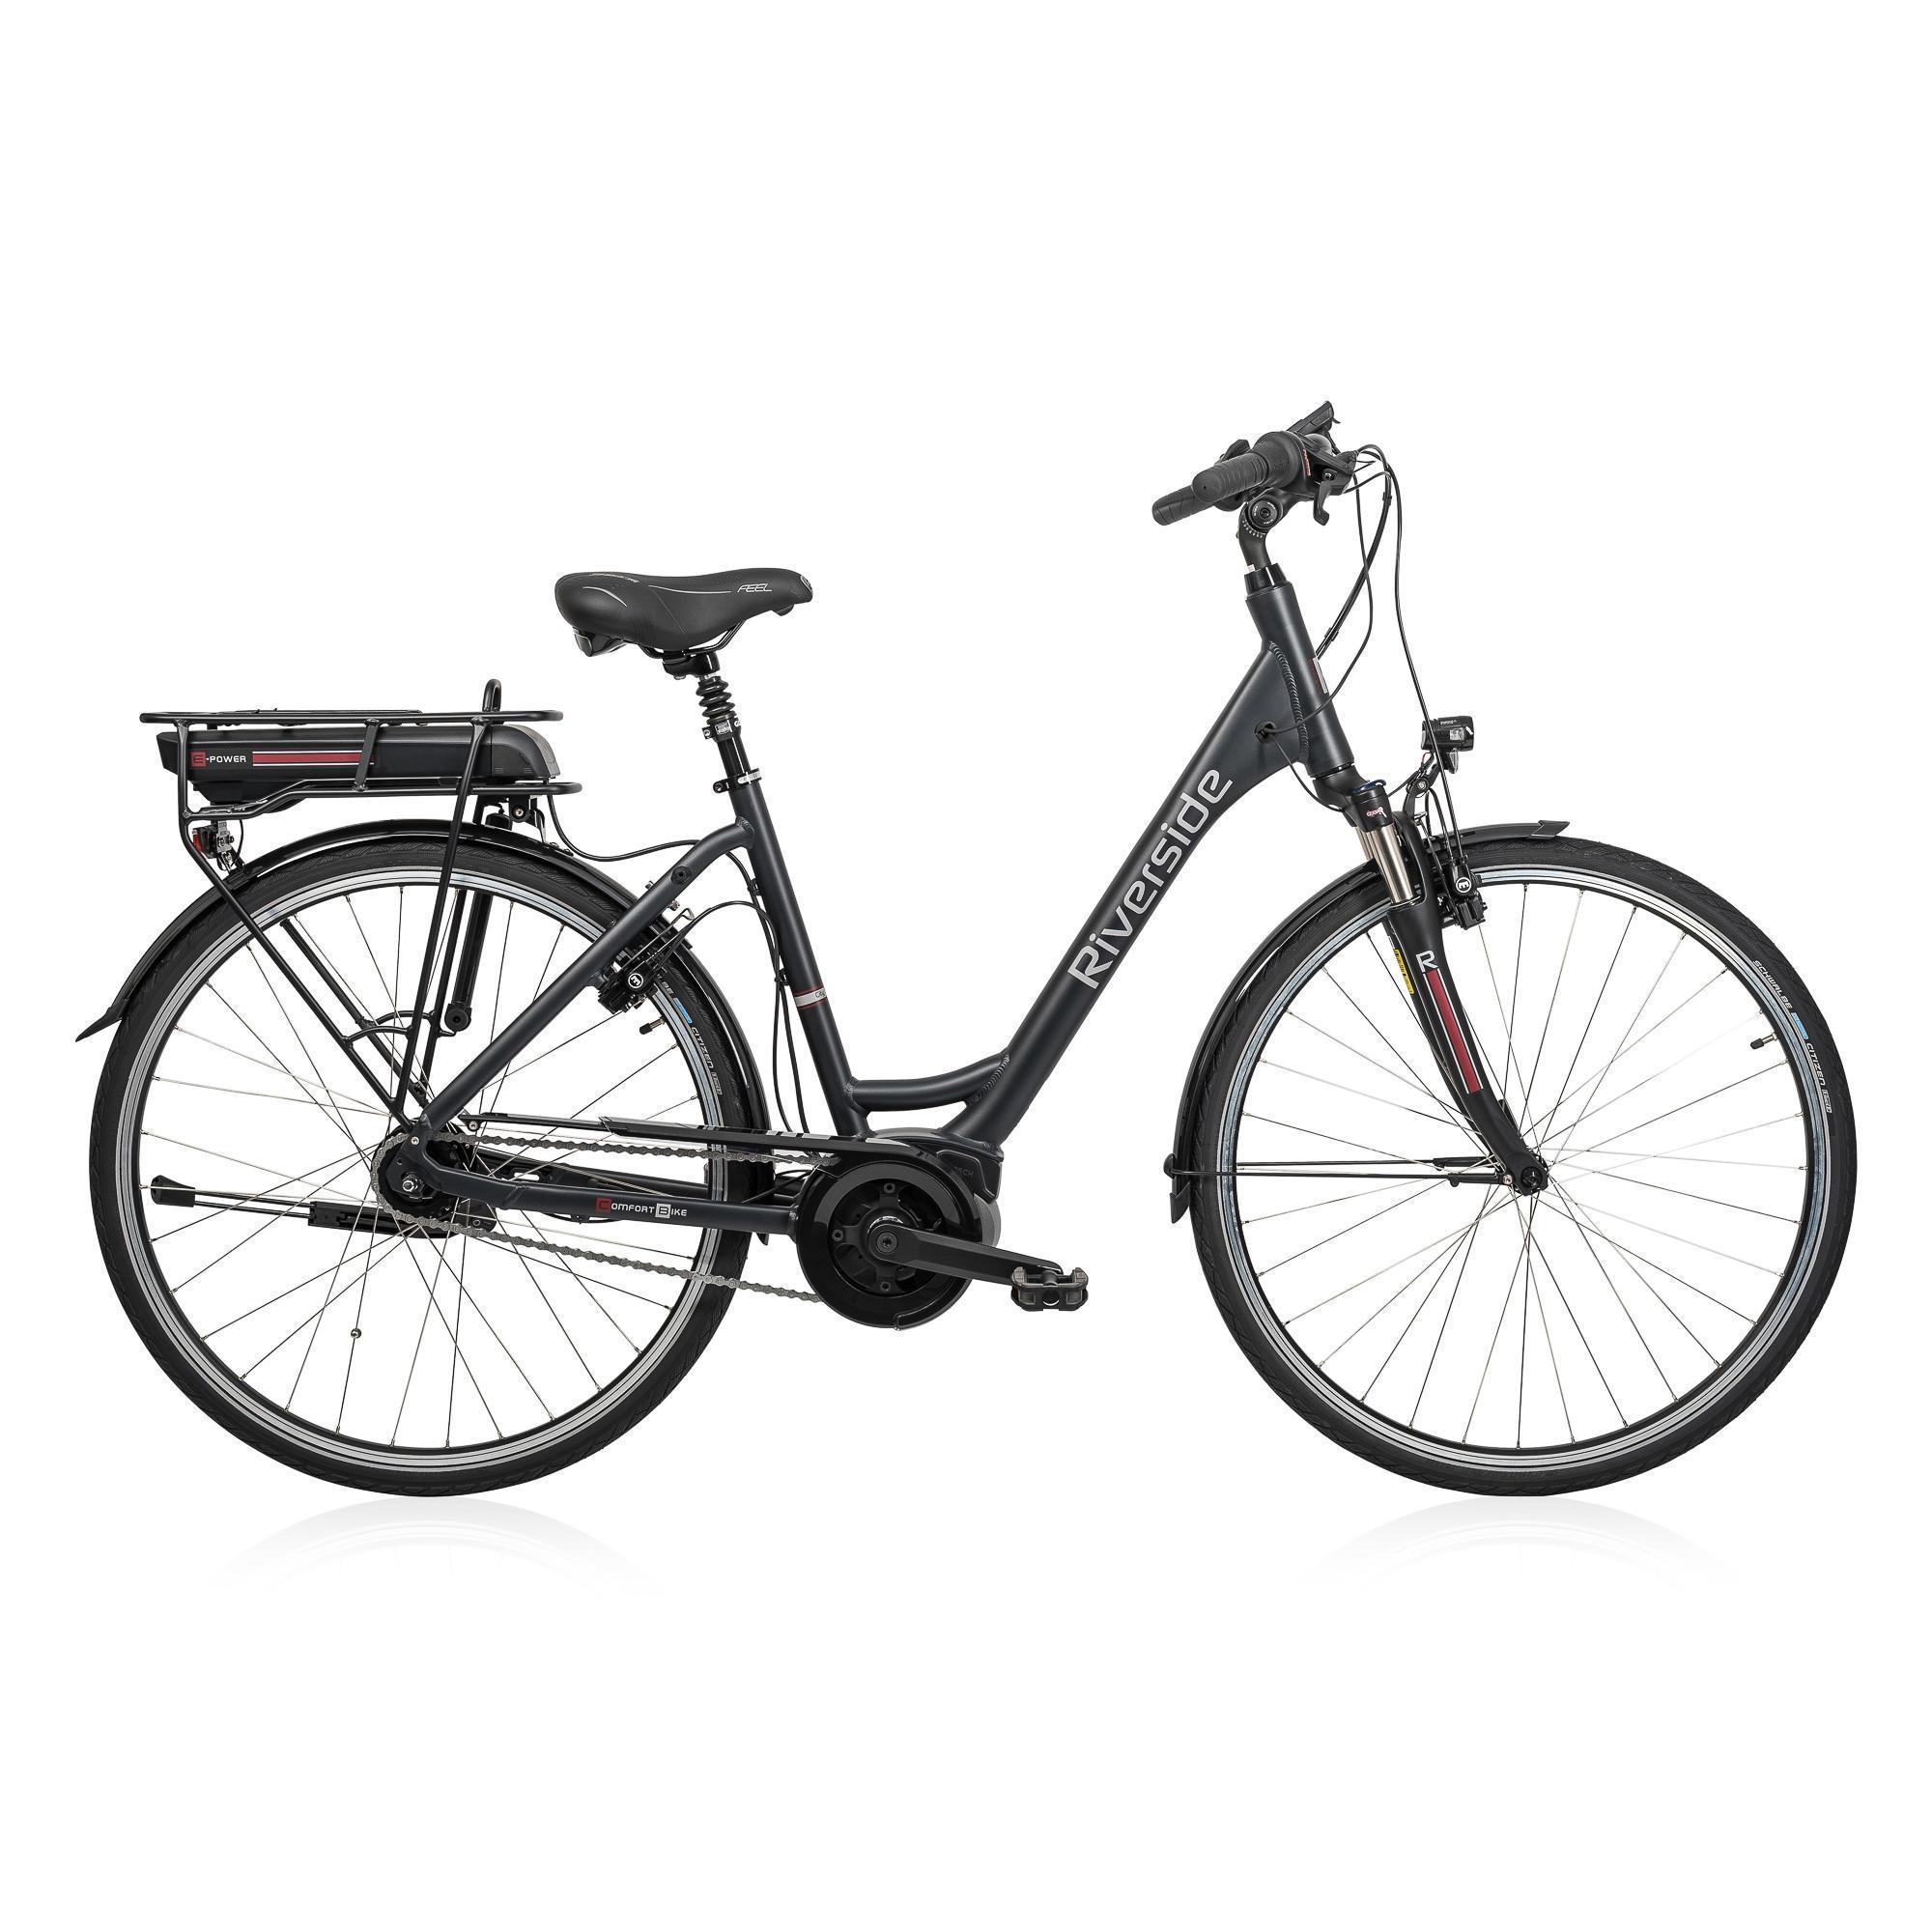 Fahrrad Günstig Kaufen Im Online Shop Btwin Decathlon